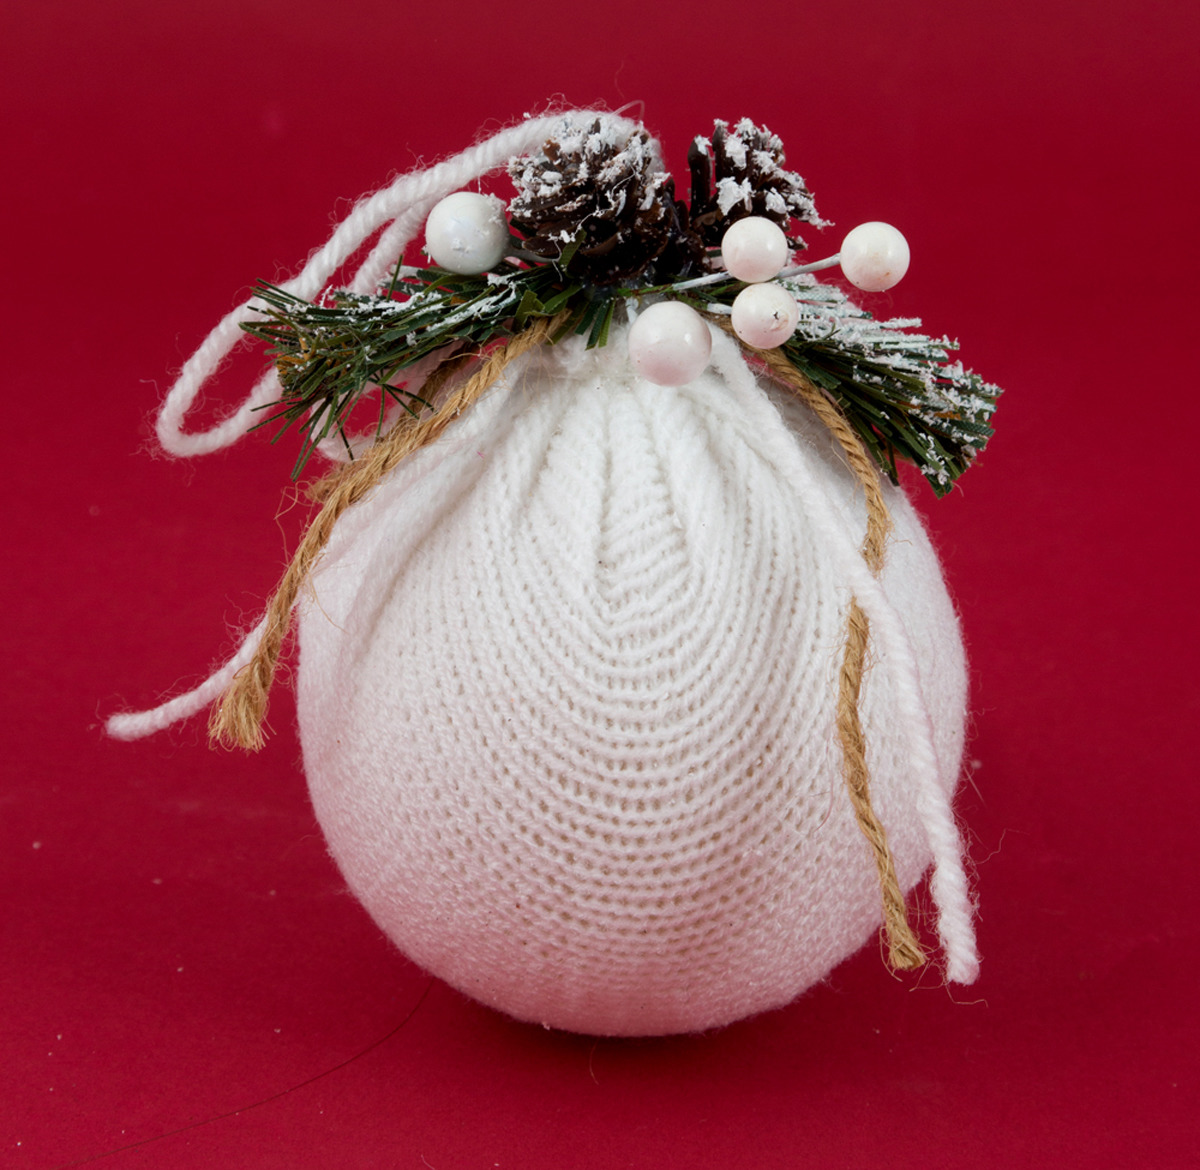 Игрушка ёлочная Русские подарки Шар, 8 см. 170203 игрушка ёлочная русские подарки шары 22 см